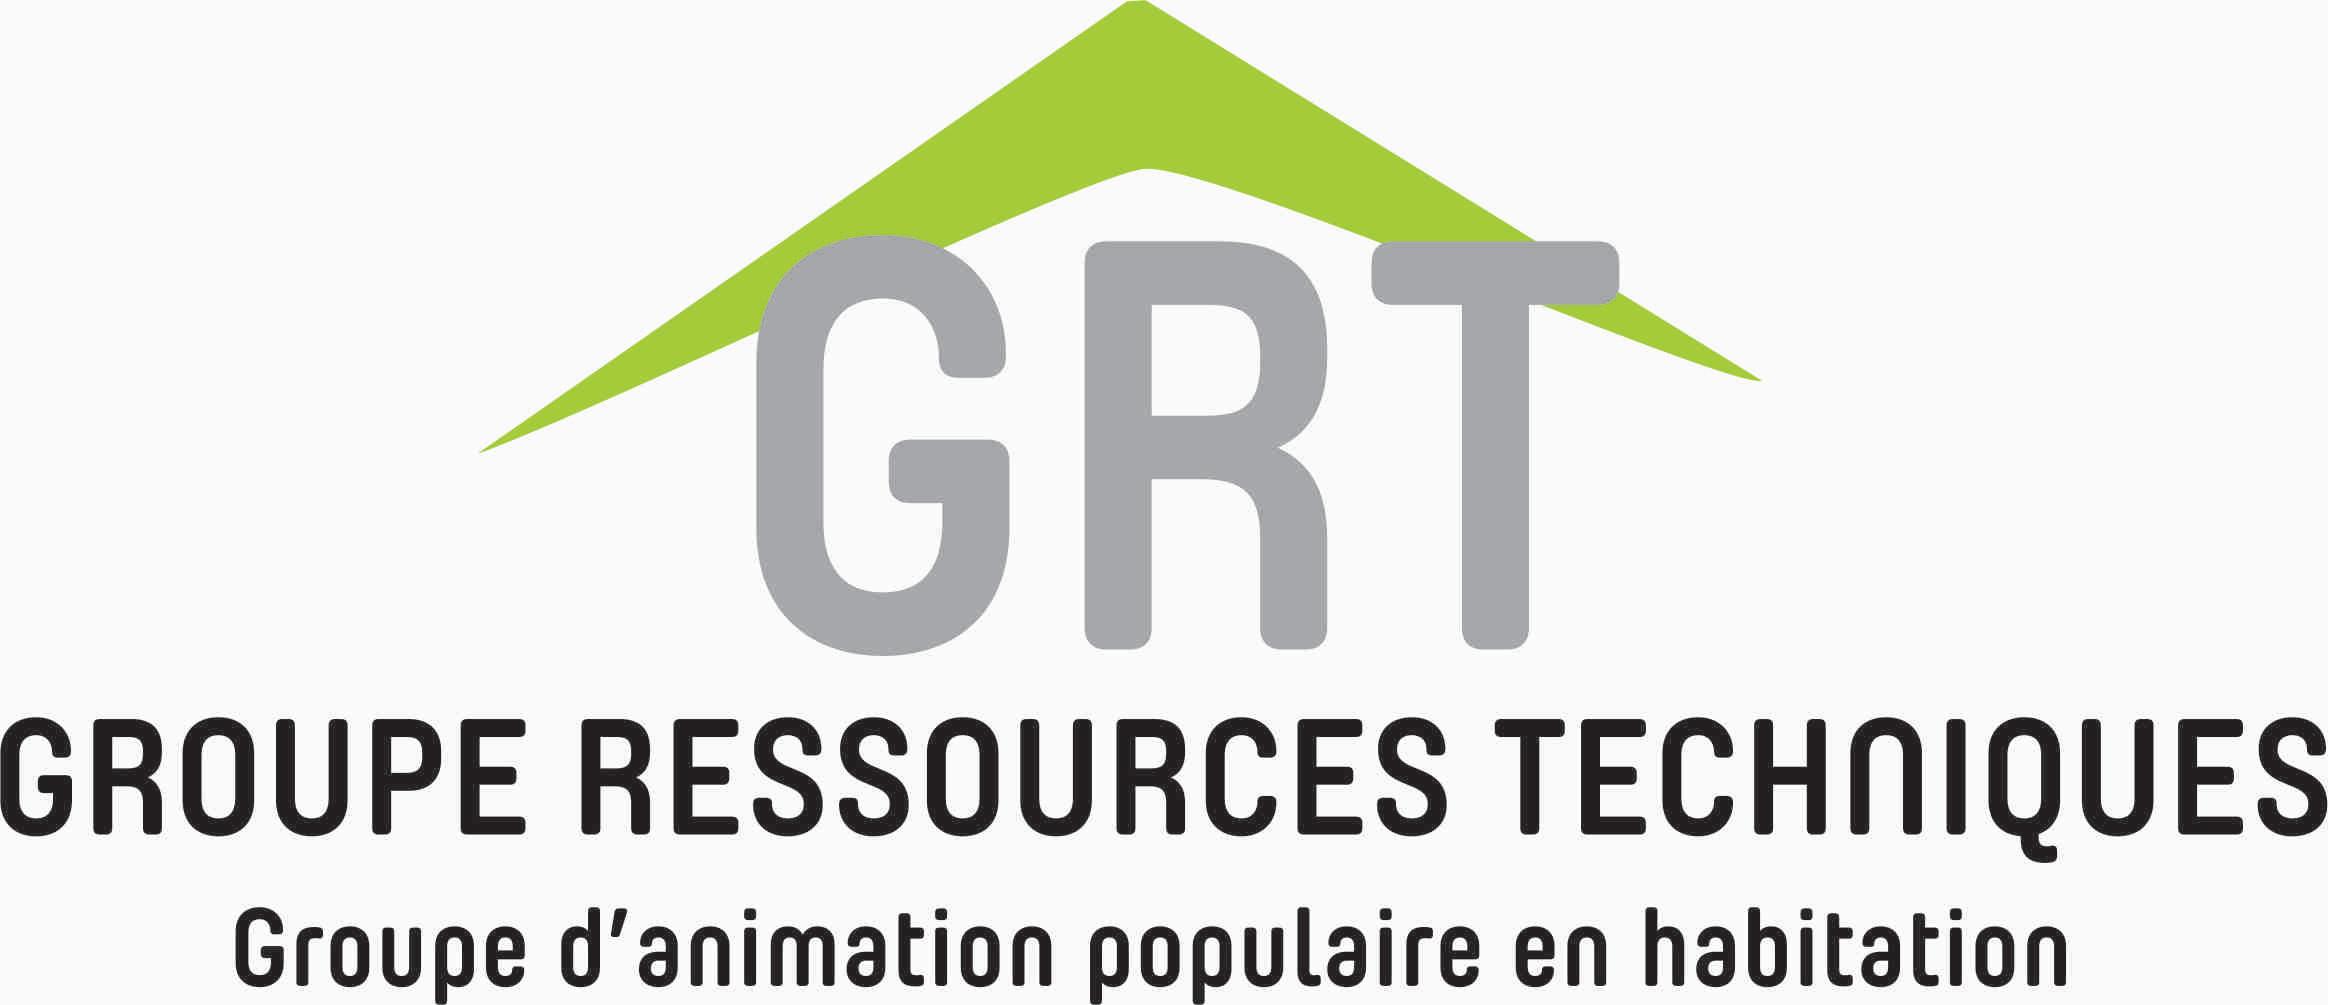 Groupe de ressources techniques - Saint-